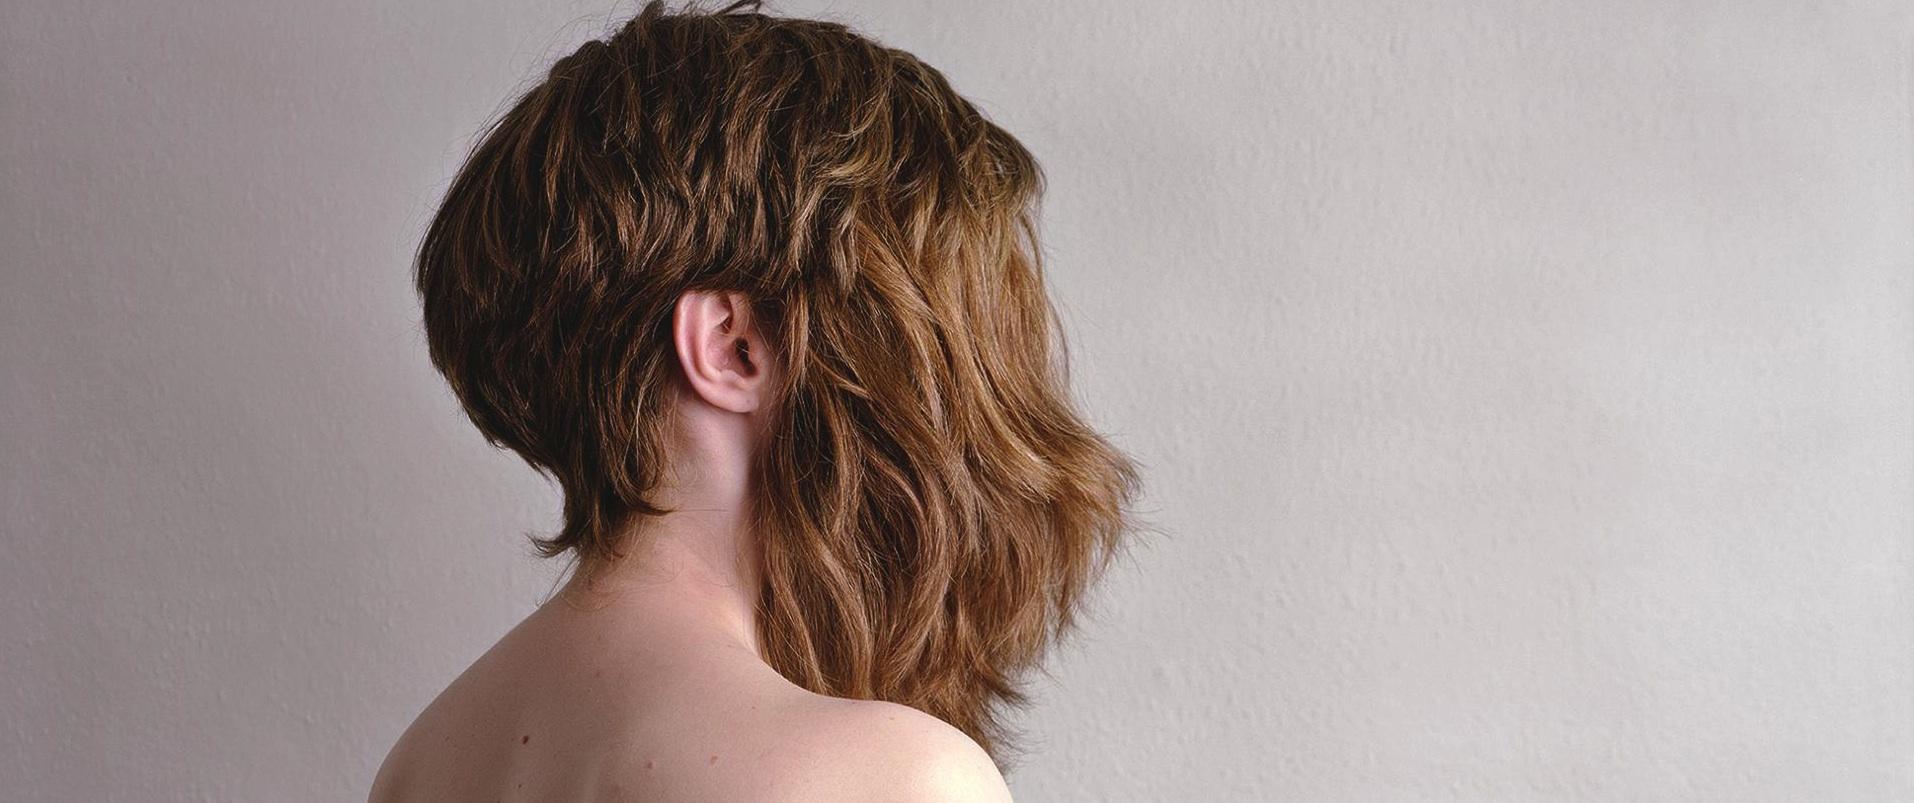 Frauen, die ihr Haar bedecken